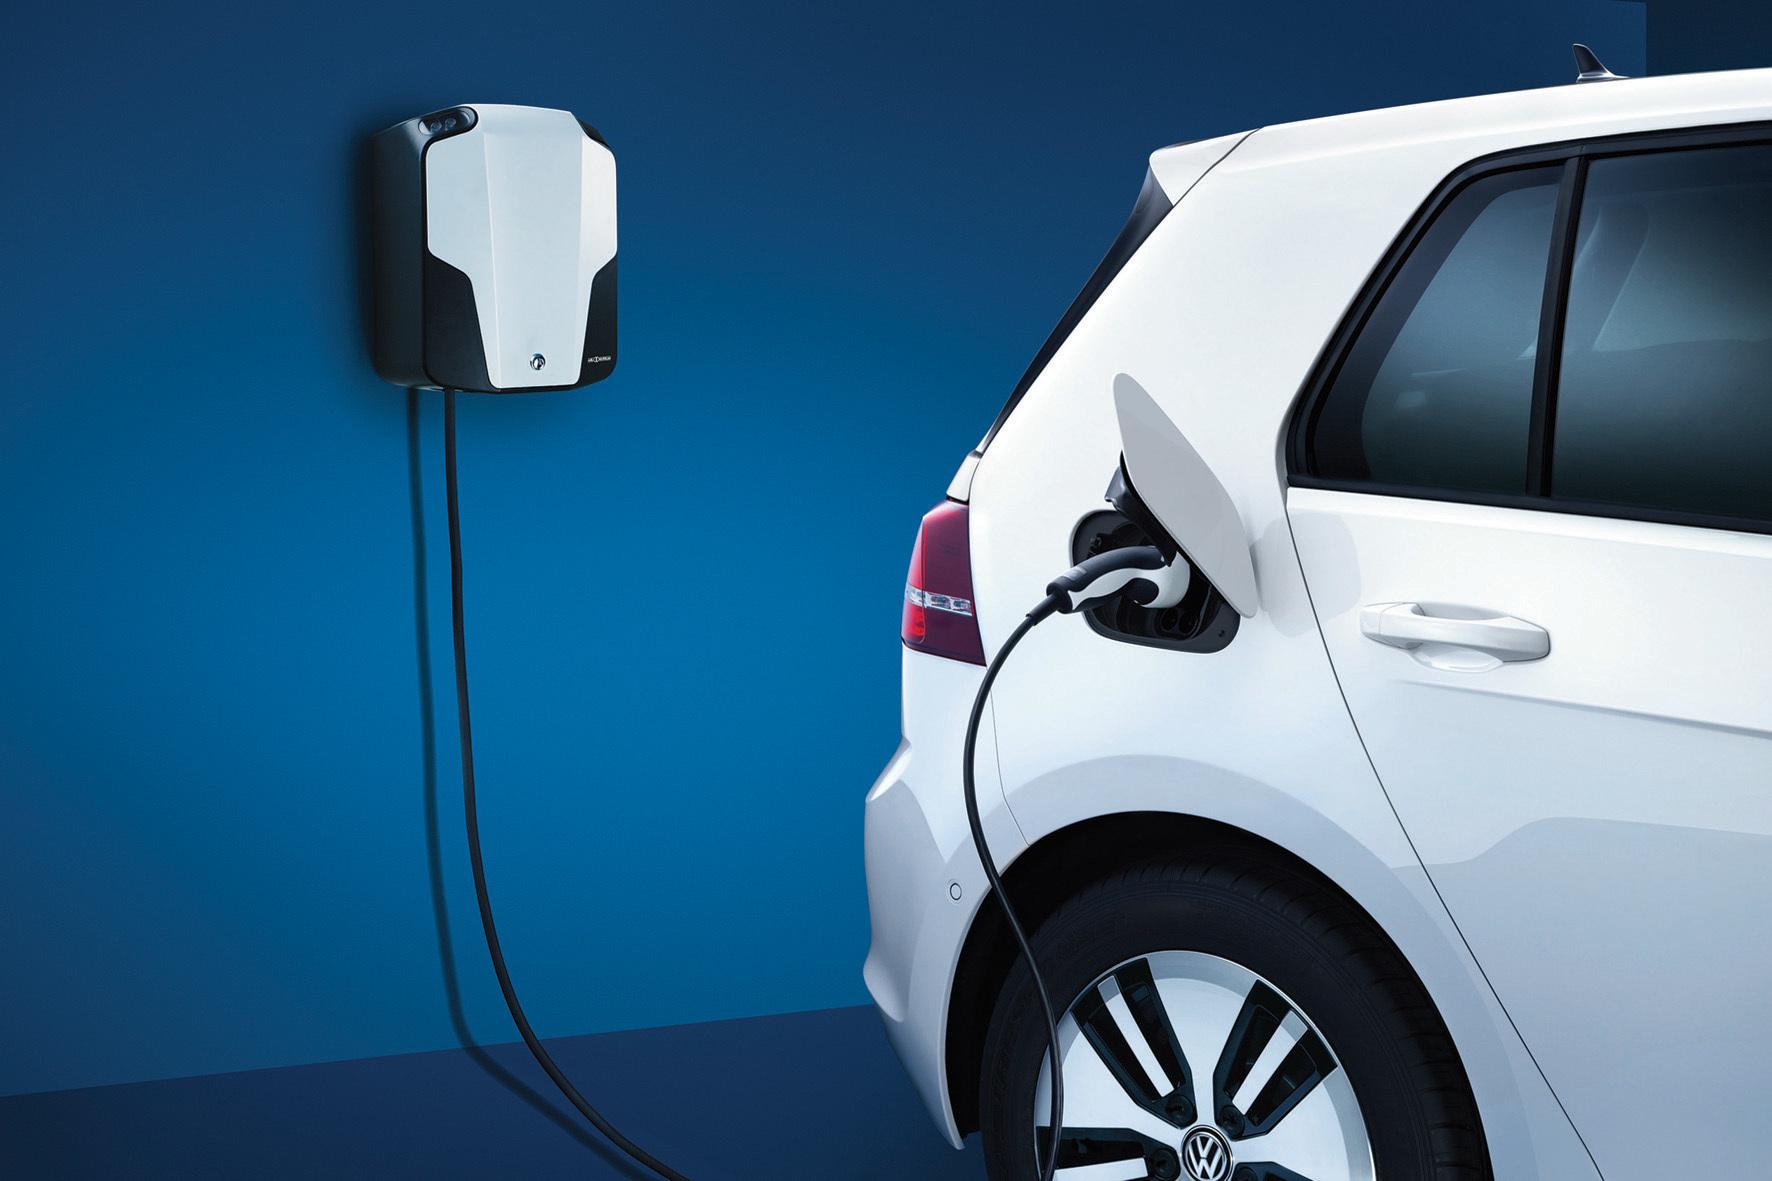 mid Groß-Gerau - VW unter Strom: Die Wolfsburger wollen in den kommenden Jahren zusätzlich zur bisherigen Strategie noch drei weitere Elektroautos auf den Markt bringen.